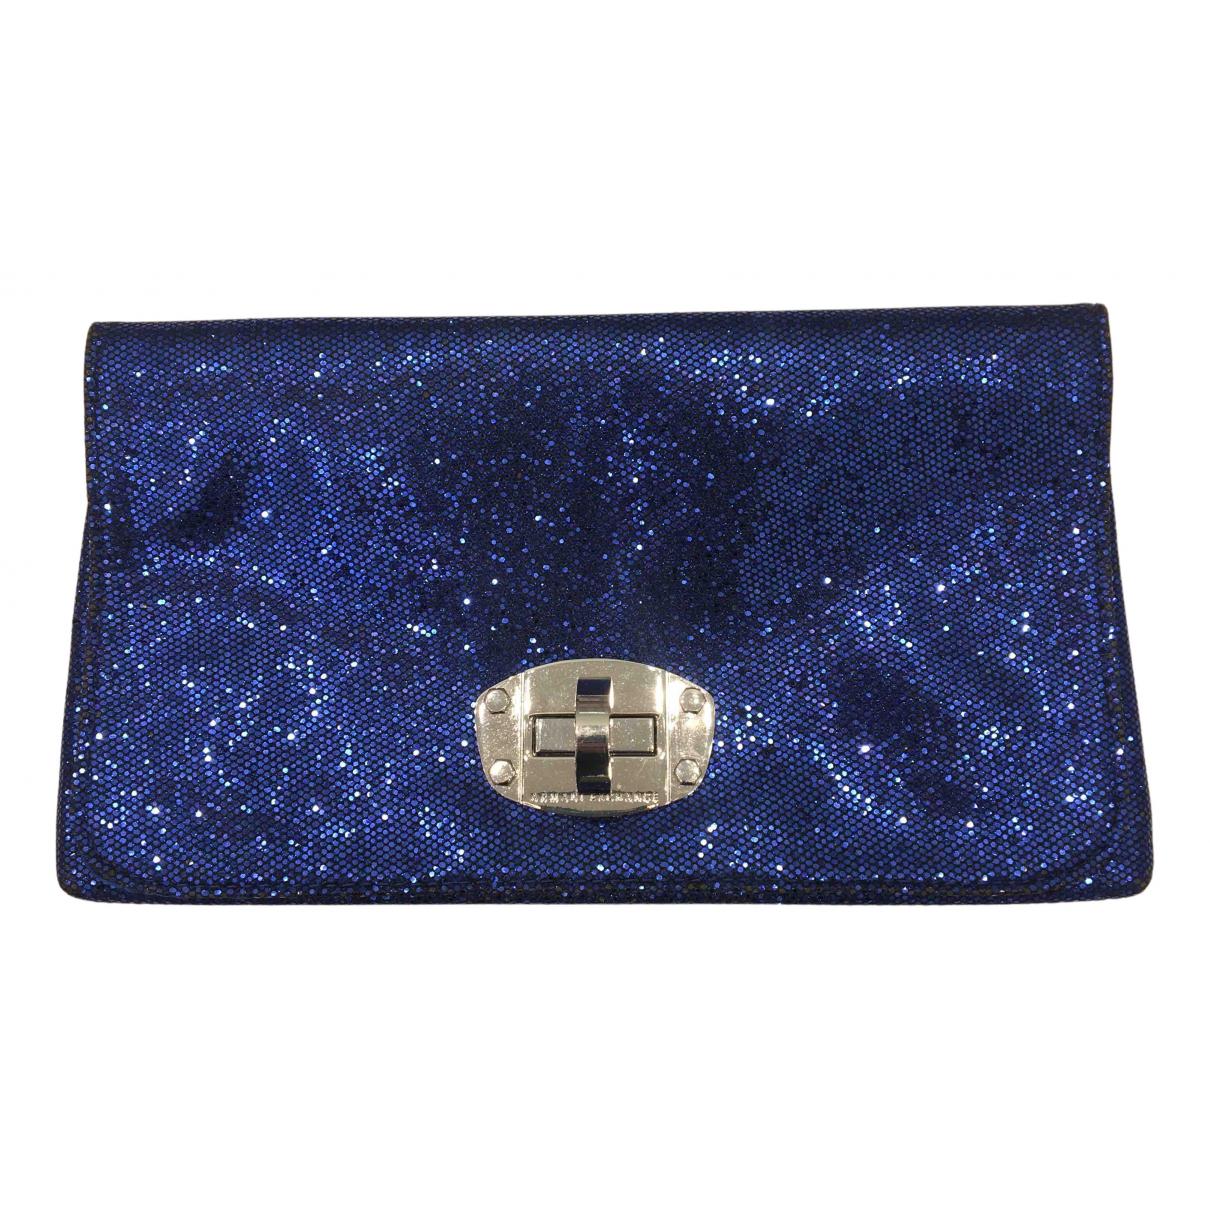 Emporio Armani \N Clutch in  Blau Mit Pailletten